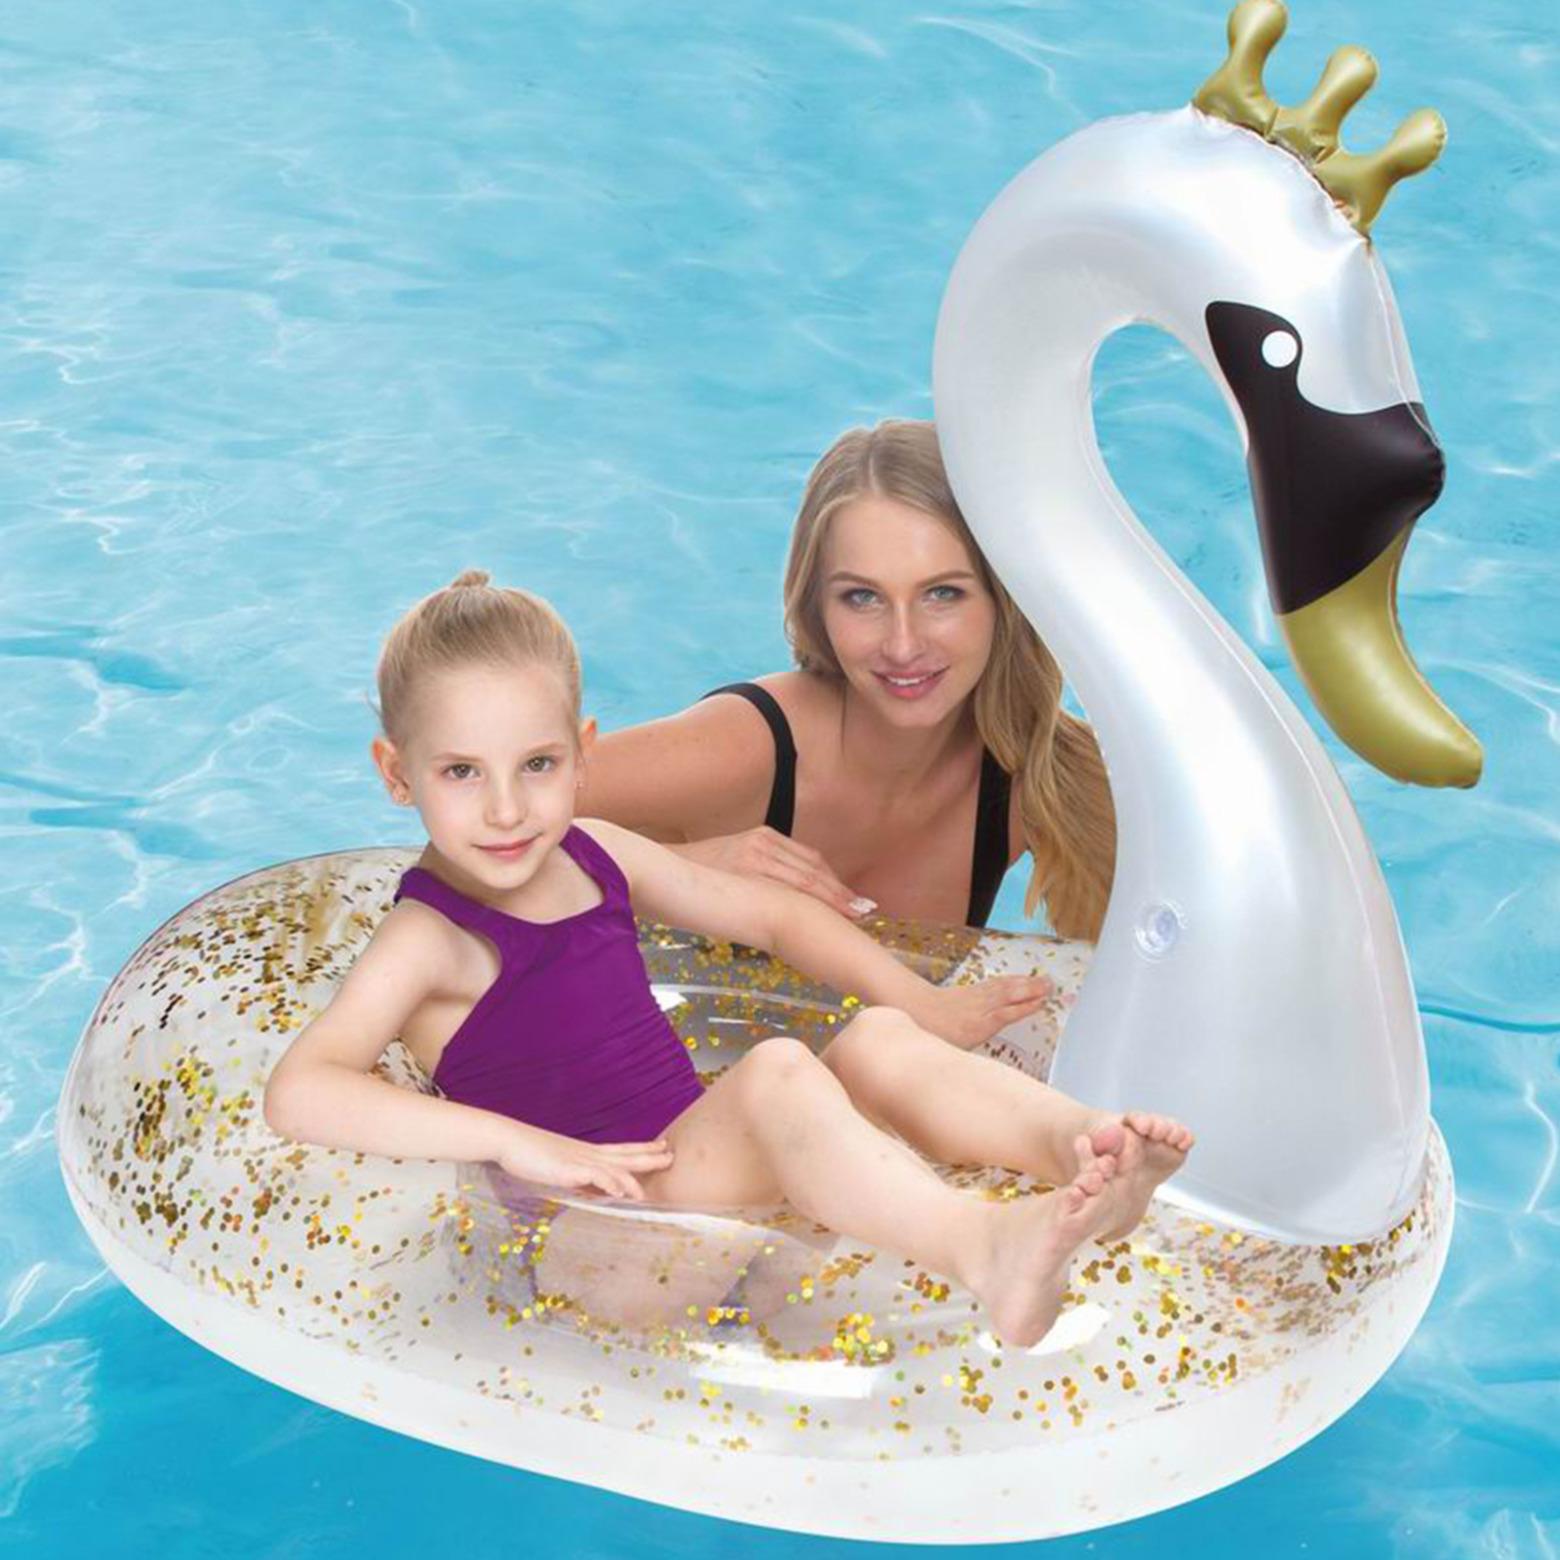 Waterspeelgoed zilveren/gouden zwaan ride-on/luchtbed 71 x 113 x 90 cm voor jongens/meisjes/kinderen